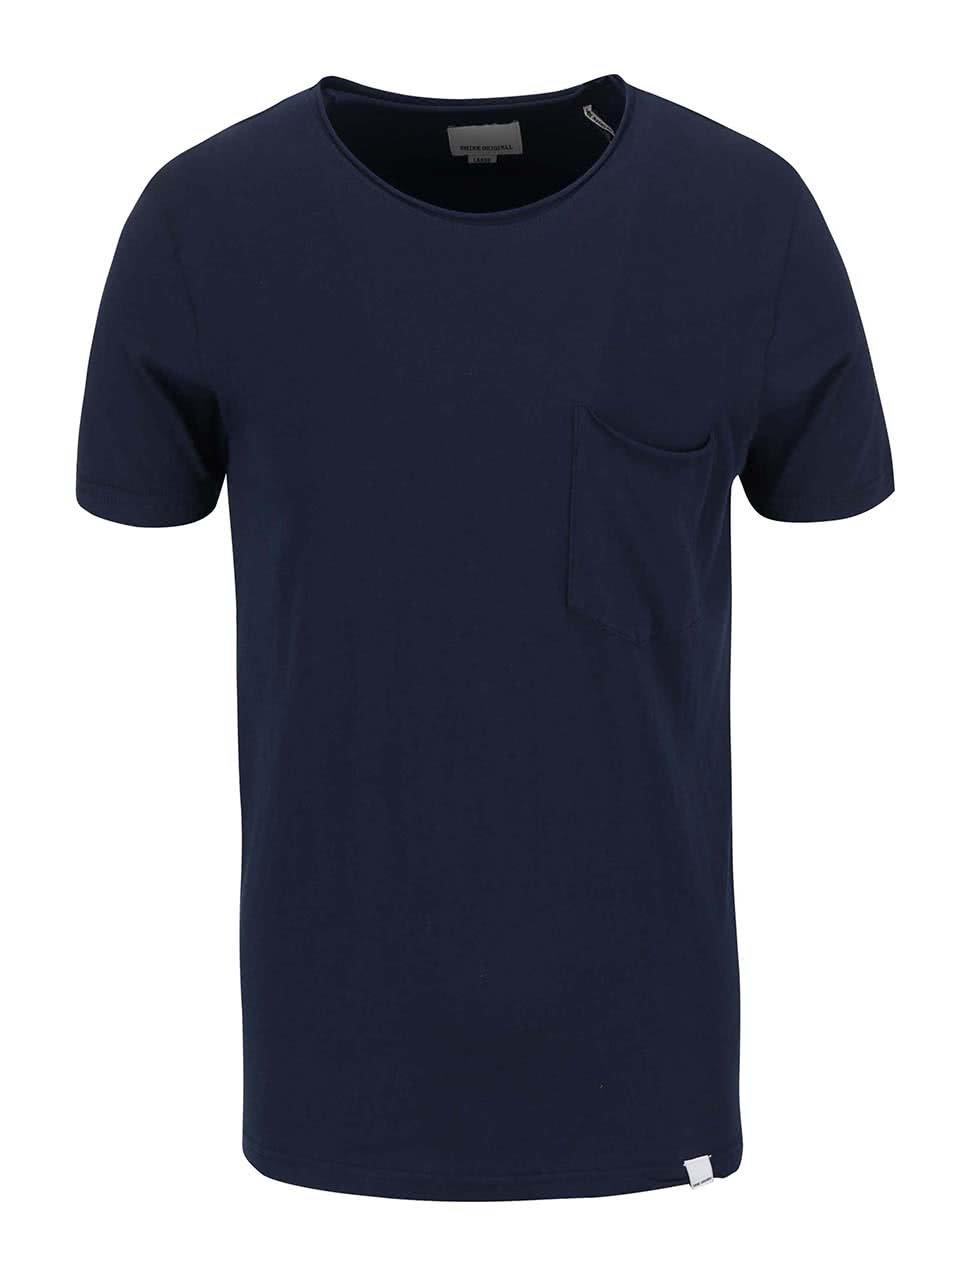 c5e1fc0803d5 Tmavomodré tričko s krátkym rukávom Shine Original Andy ...